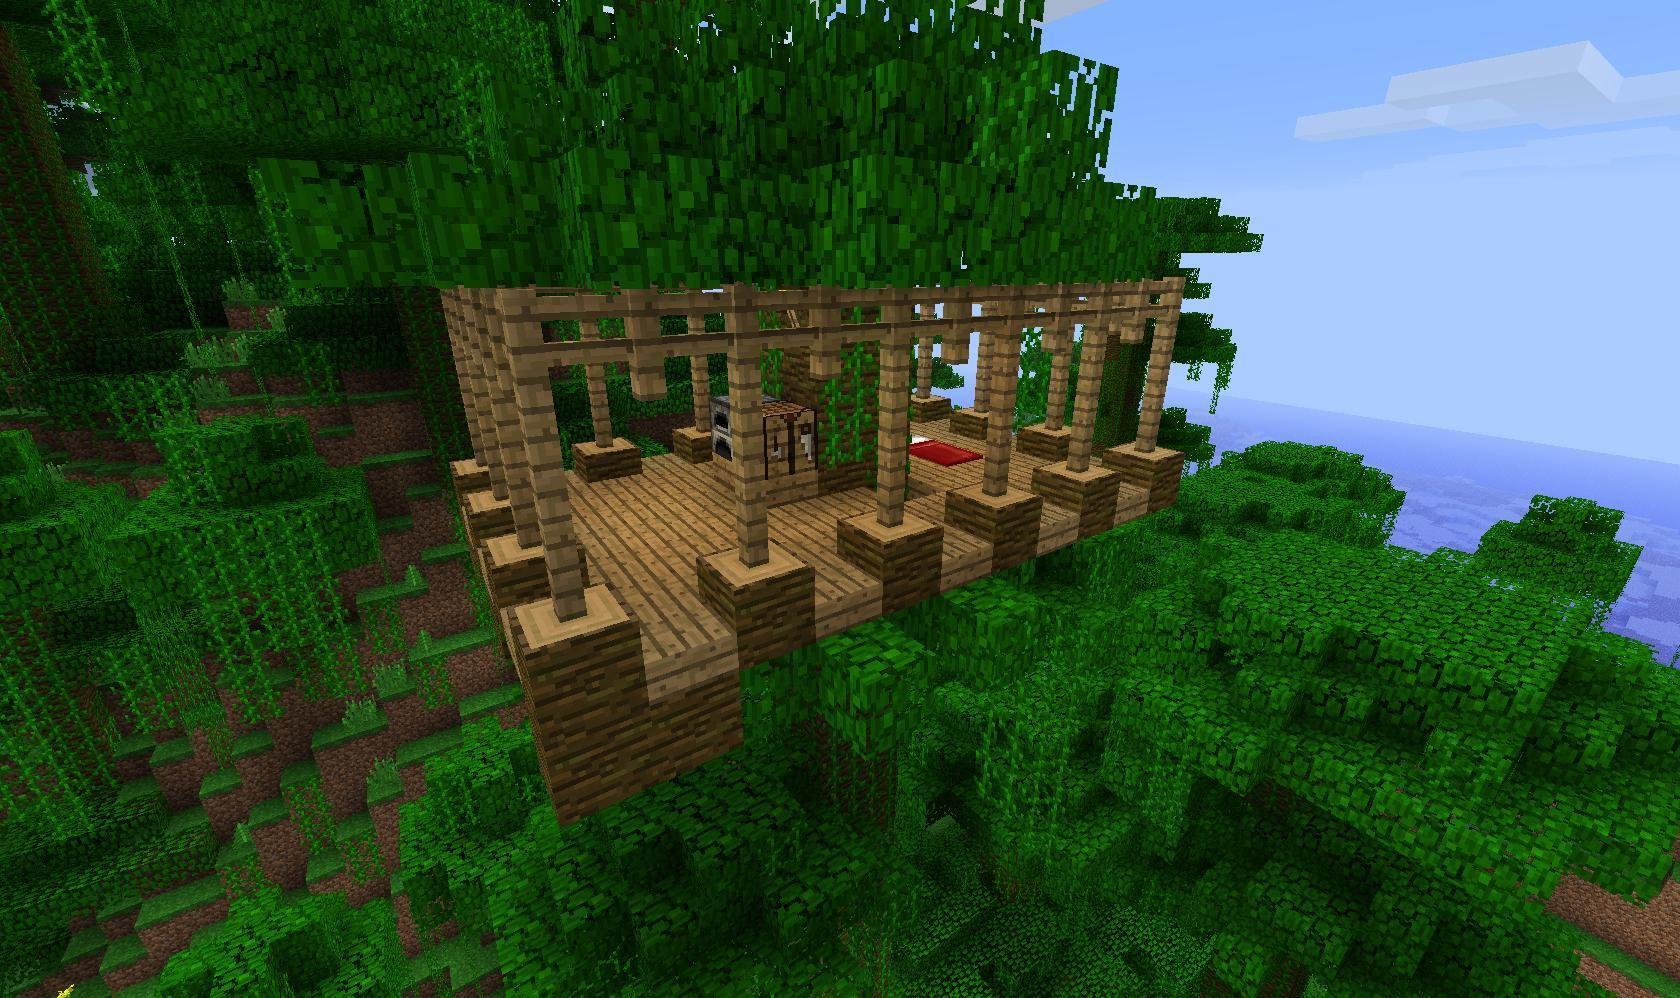 домик на дереве в майнкрафт для начинающих платье идеально